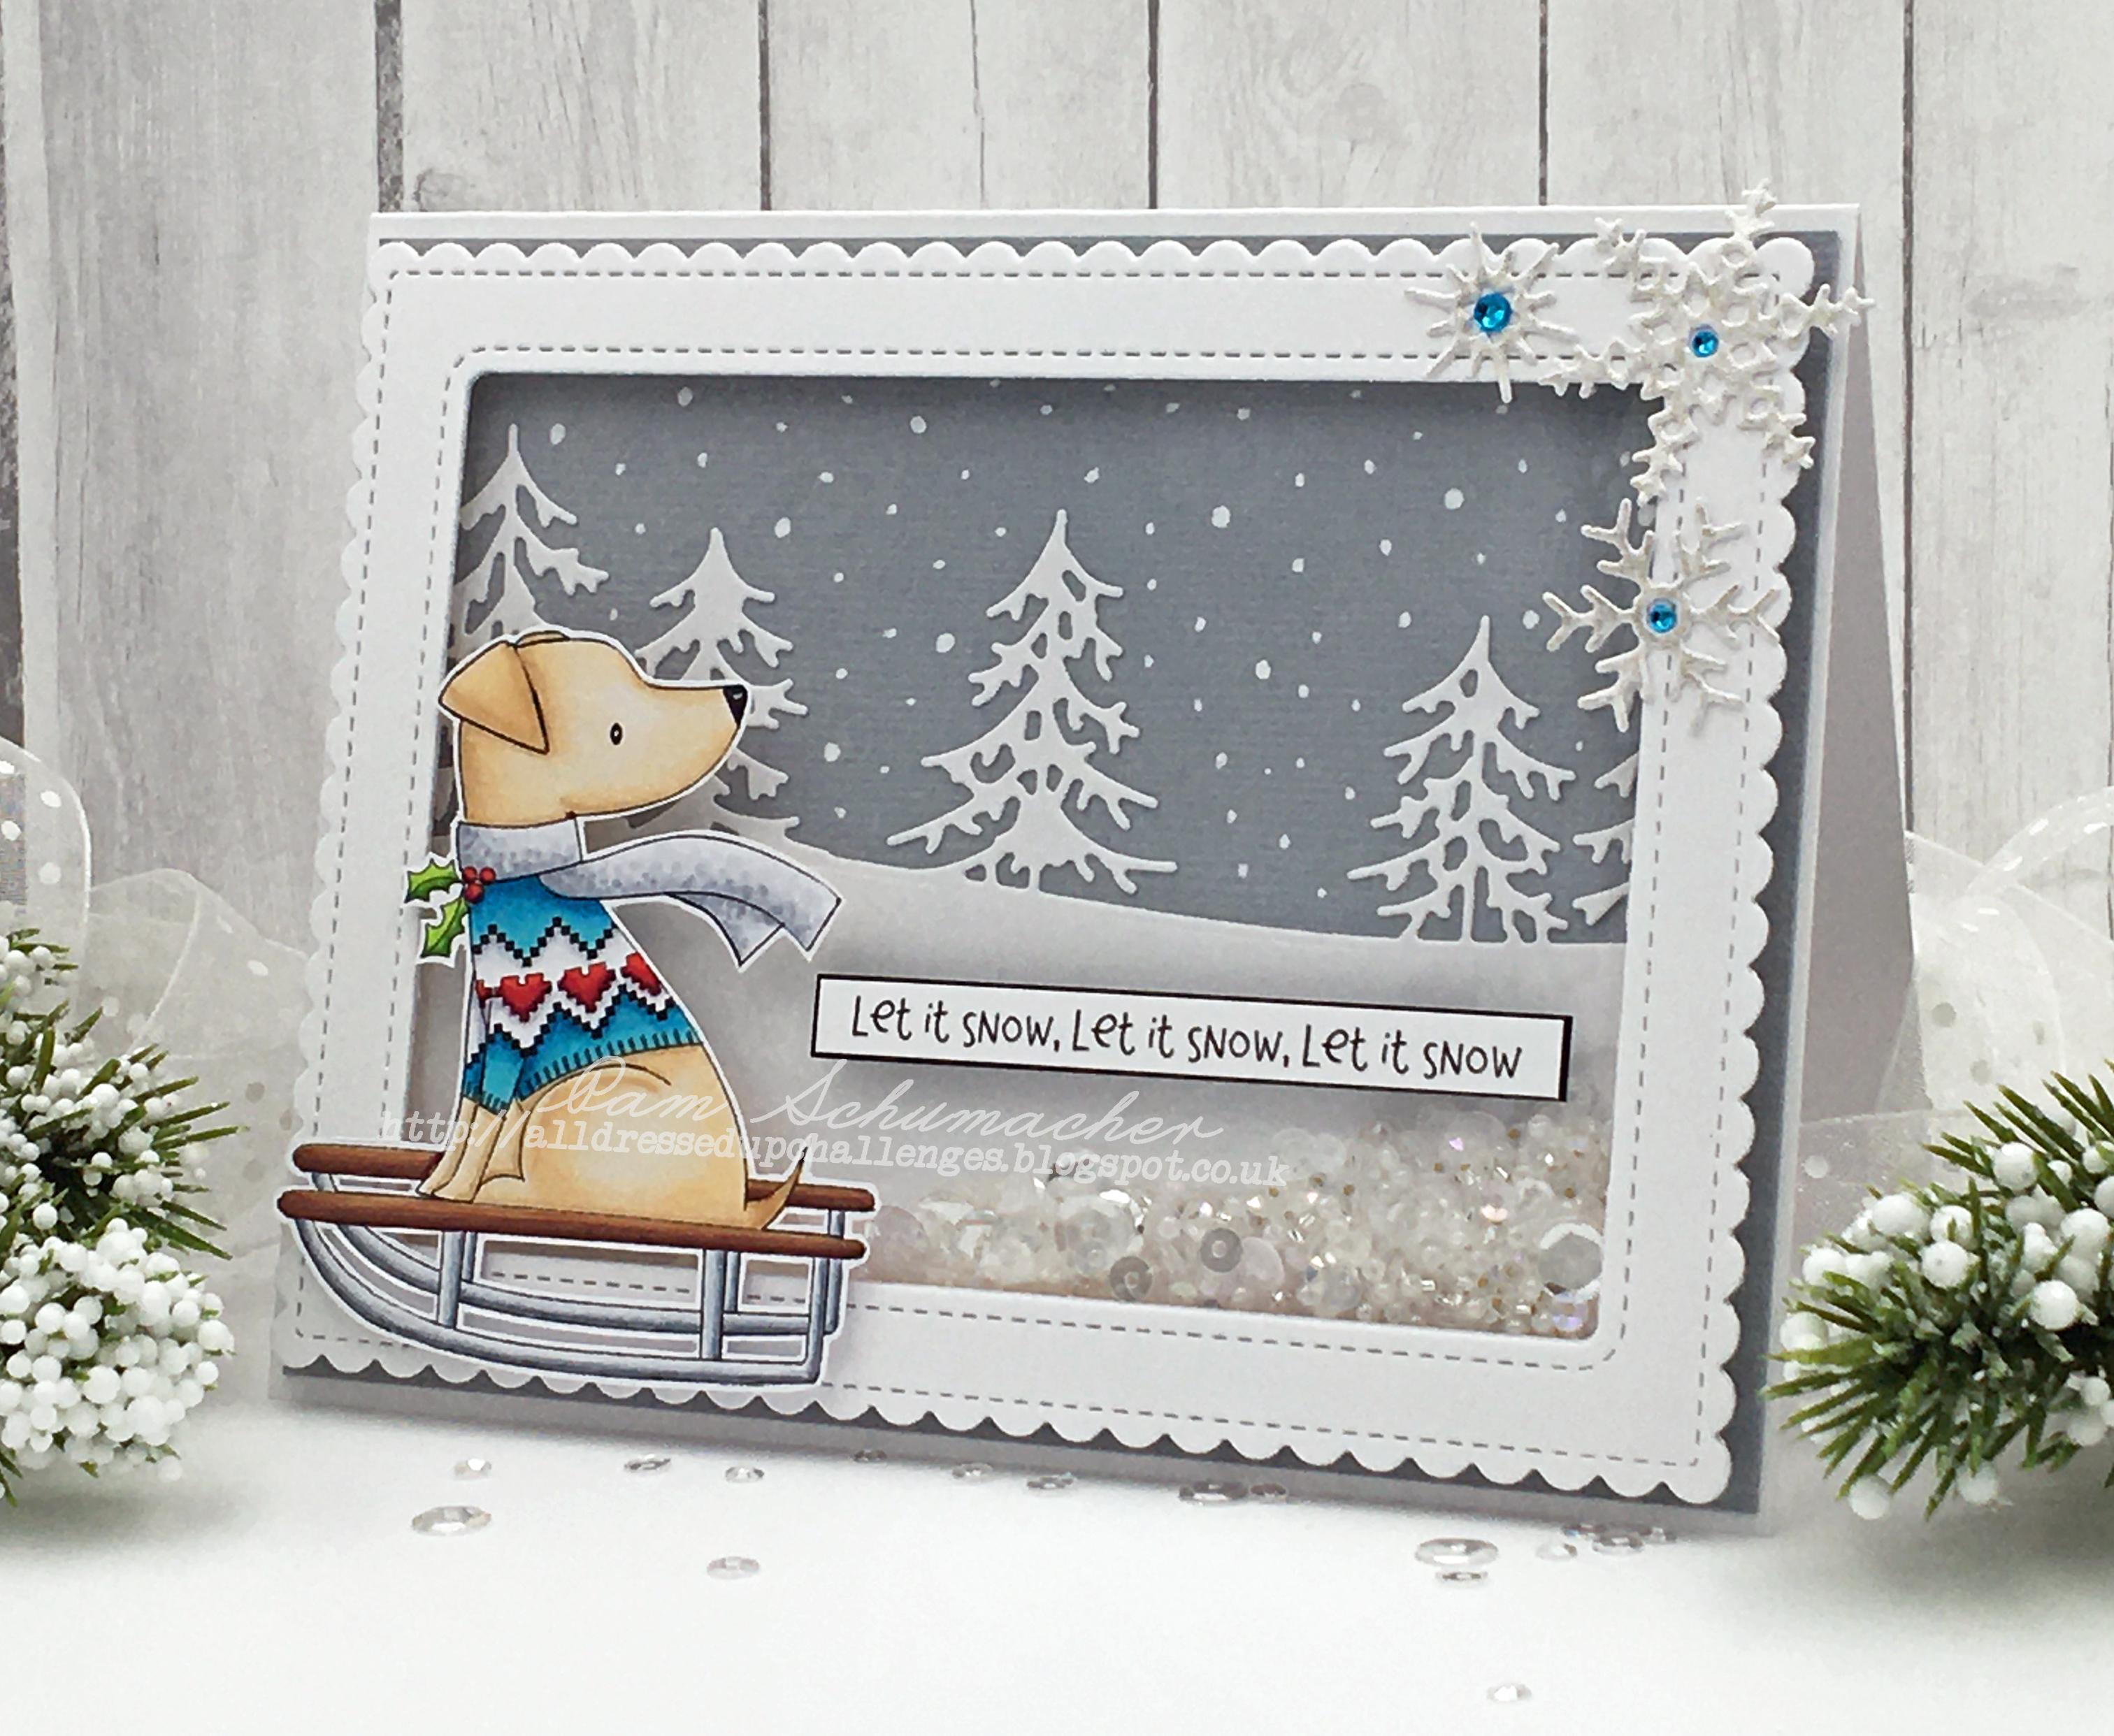 Let it snow3